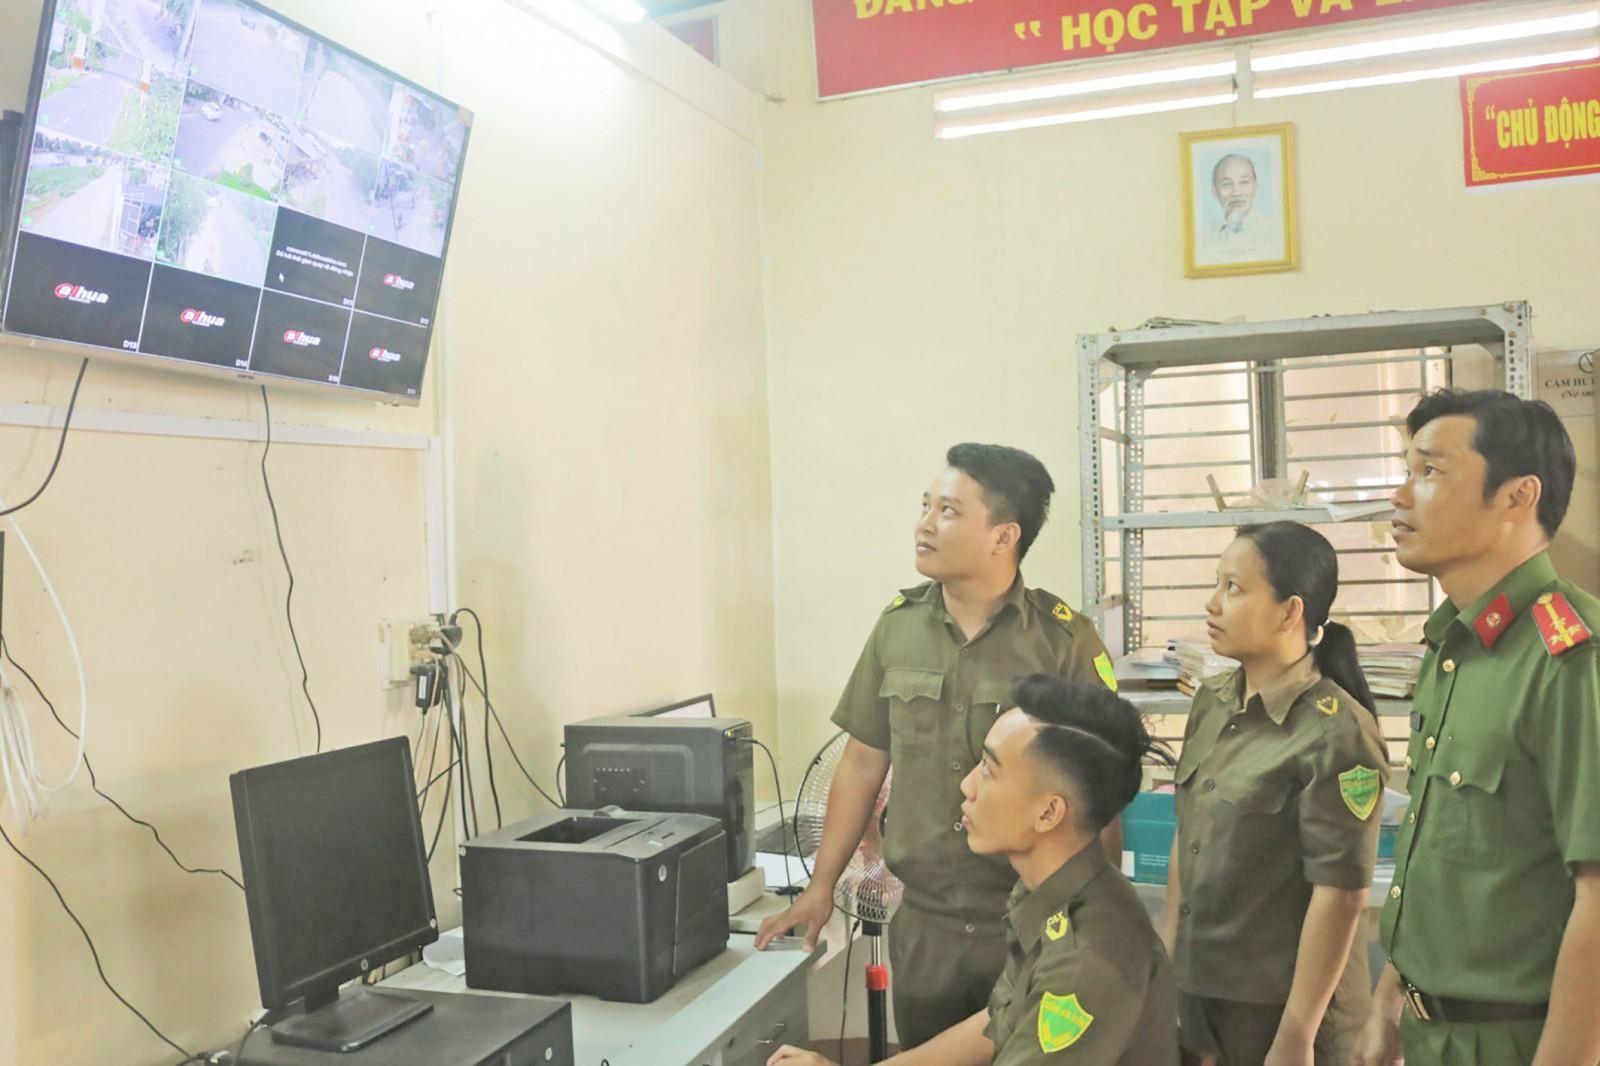 Lực lượng Công an xã thường xuyên theo dõi hệ thống camera an ninh, kịp thời xử lý những vụ việc xảy ra trên địa bàn. Ảnh: CHẤN HƯNG